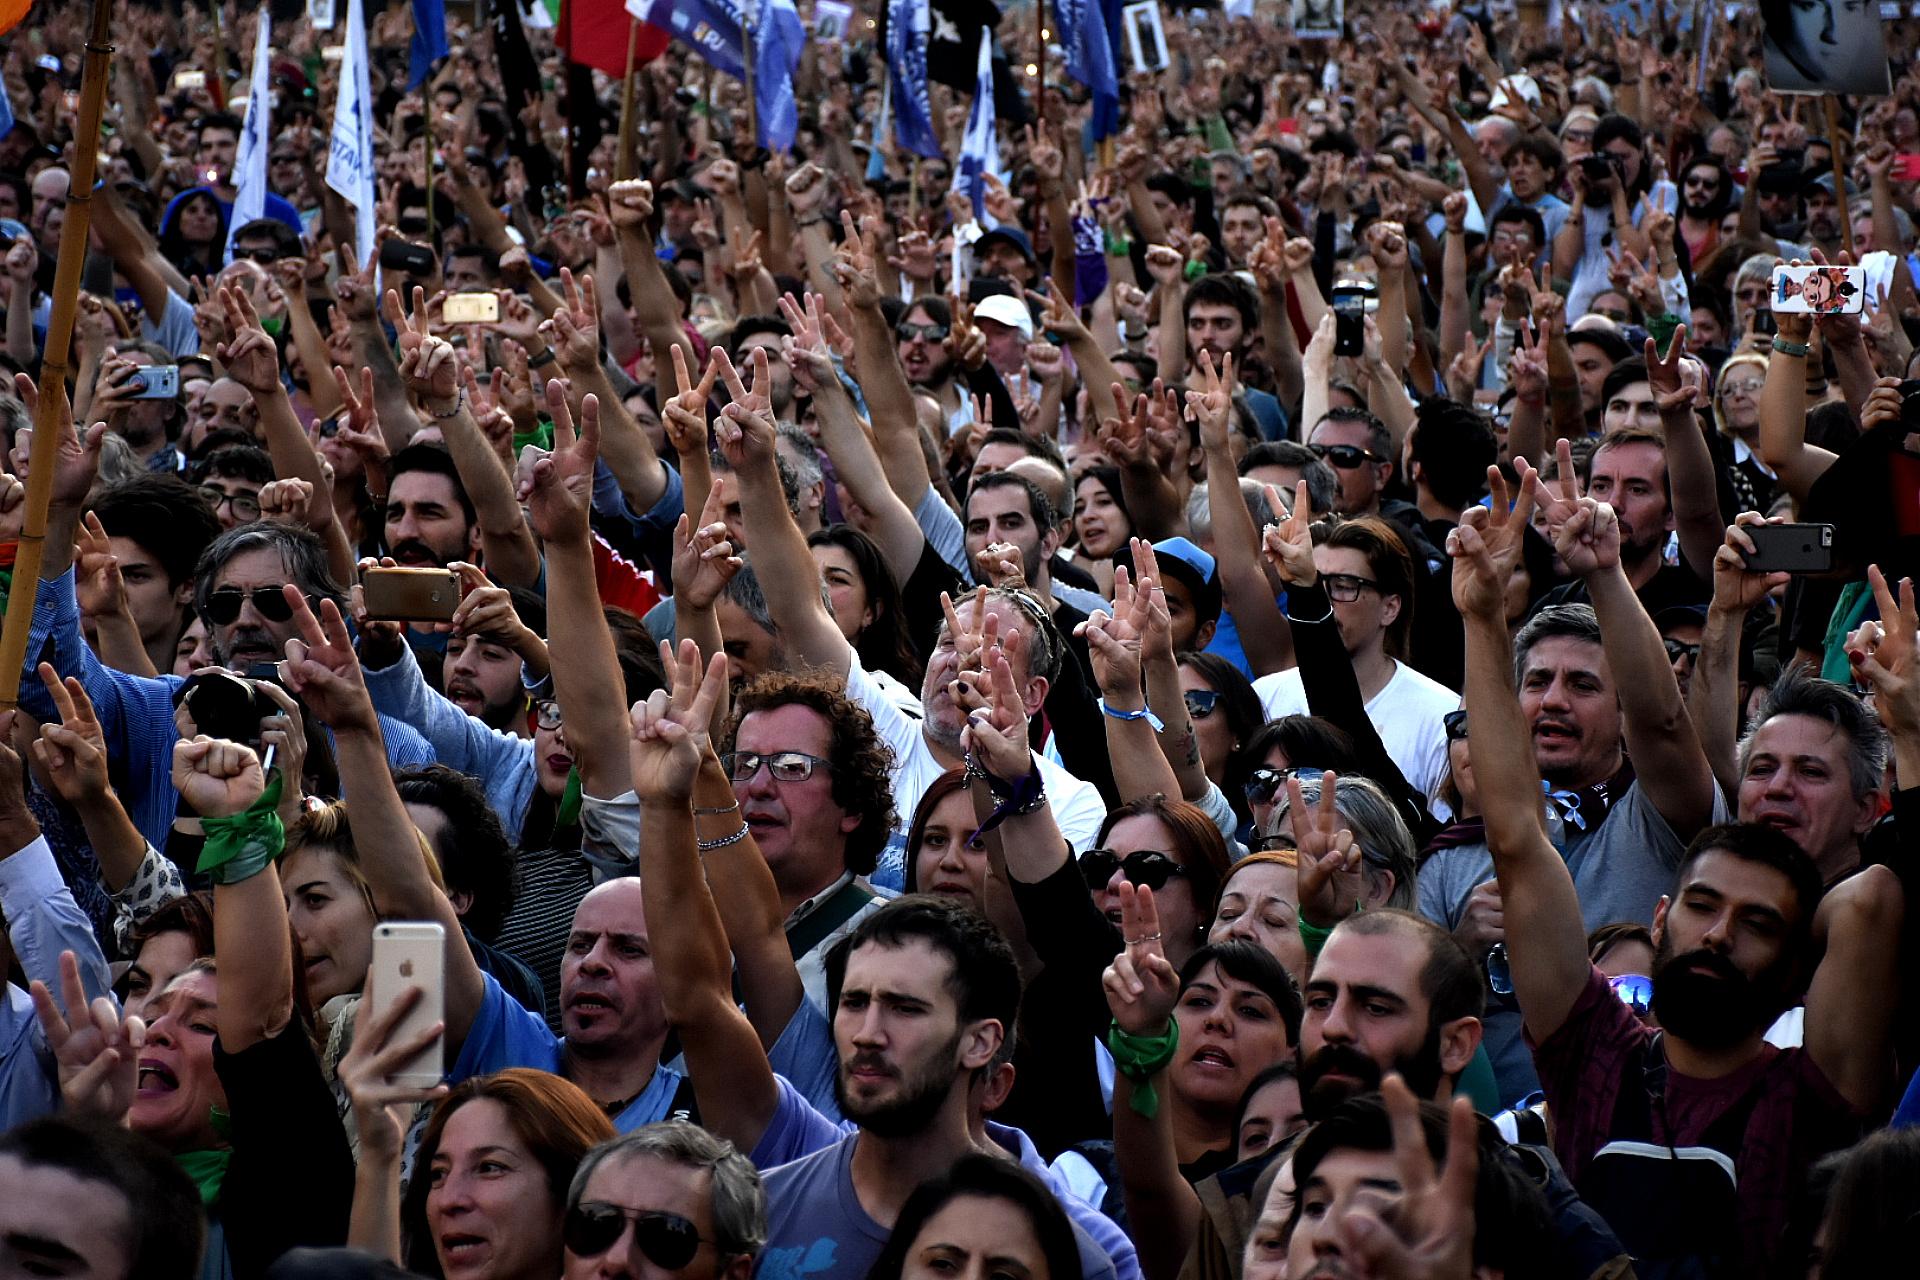 El acto tuvo críticas a Mauricio Macri, Horacio Rodríguez Larreta y Patricia Bullrich